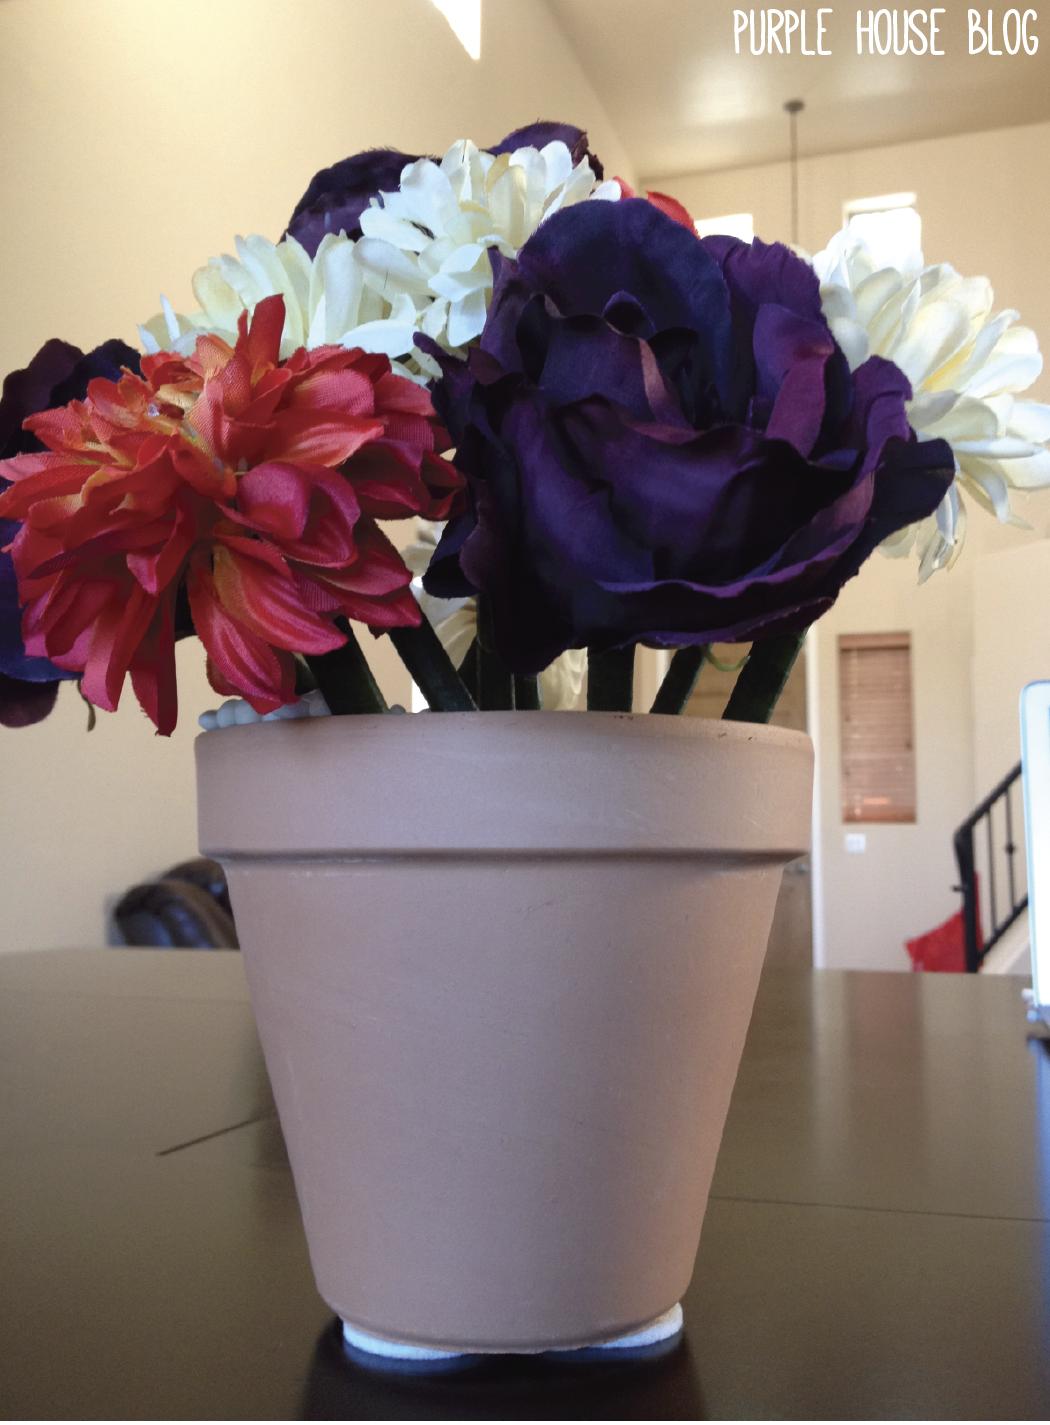 DIY Flower pen bouquet and flower pot | Purple House Blog